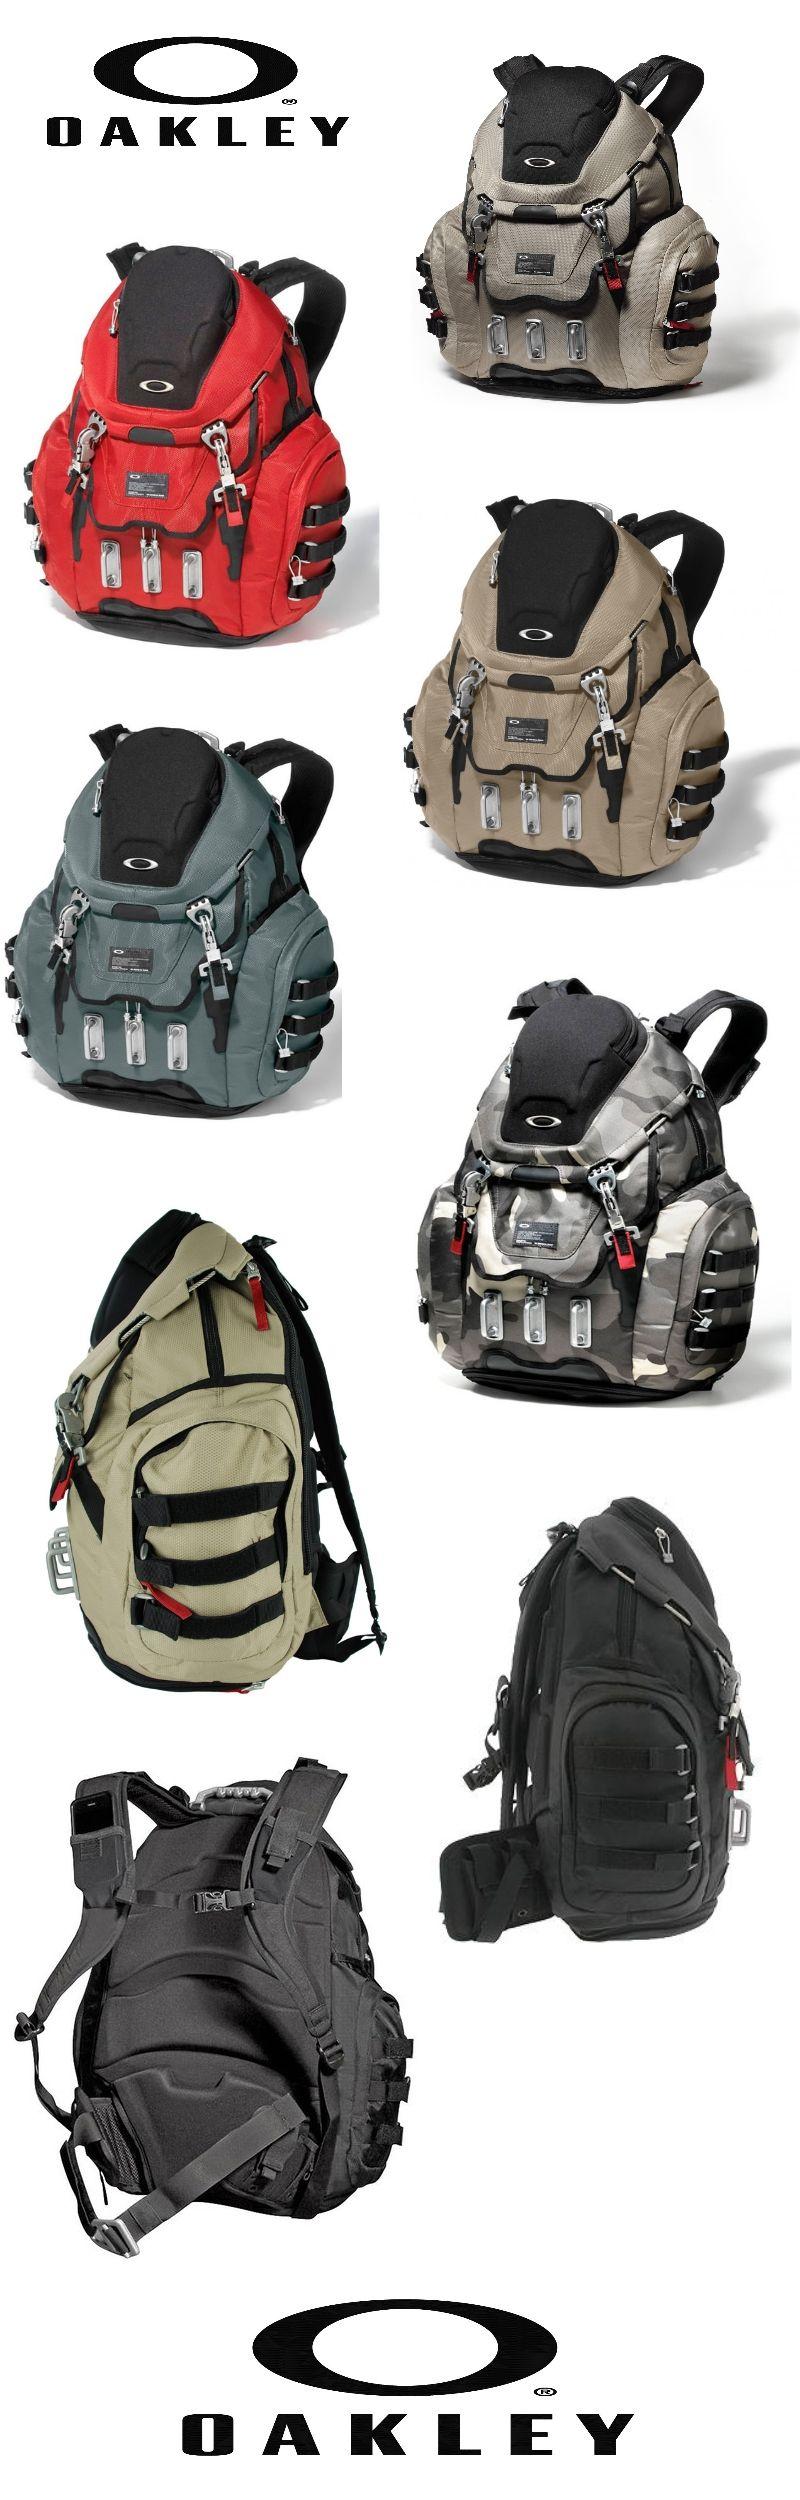 Oakley-Kitchen-Sink-Backpack-13.jpg (800×2500) | Stuff | Pinterest ...